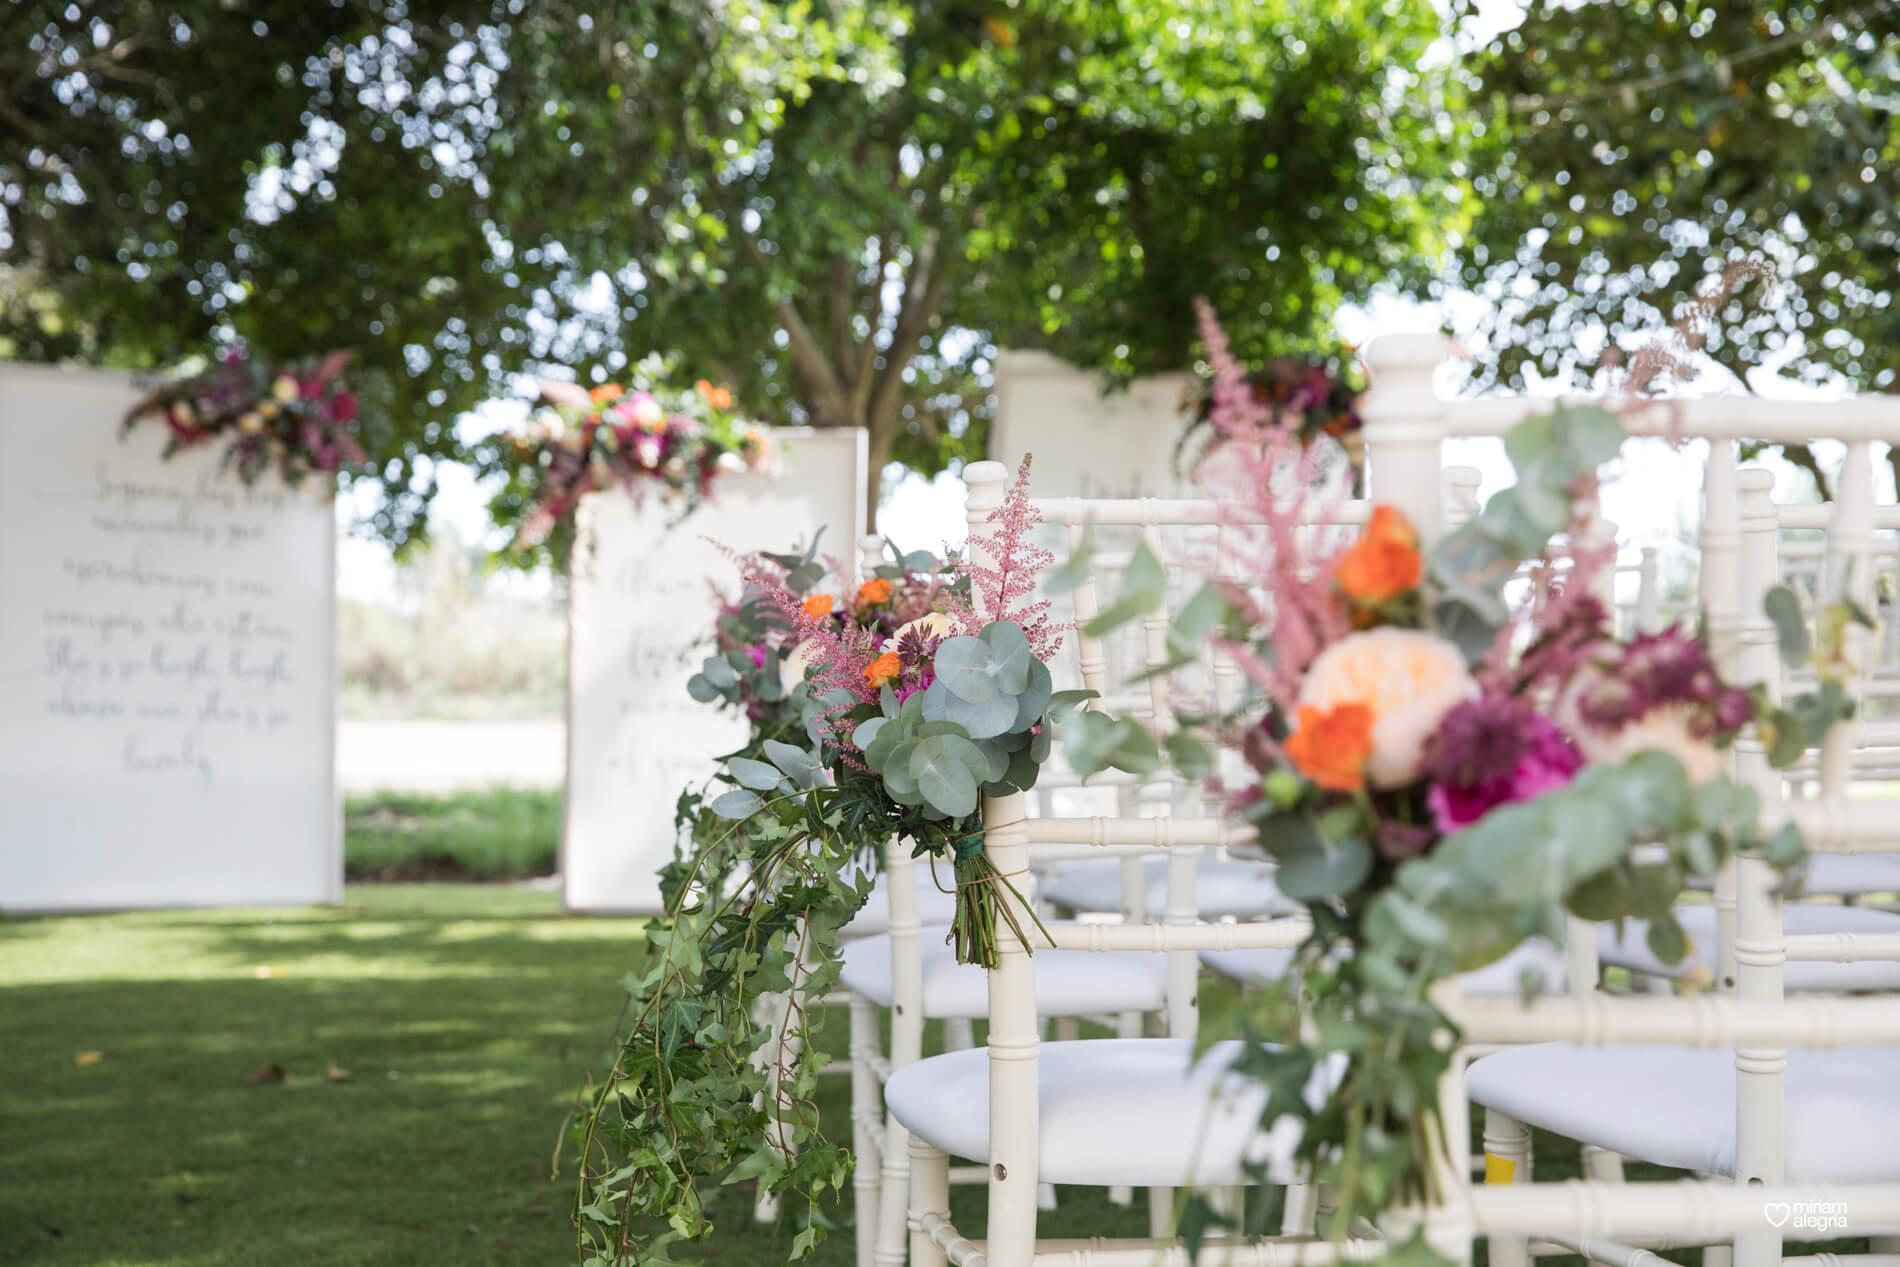 boda-en-finca-villa-vera-de-alemc7-miriam-alegria-fotografos-boda-murcia-97